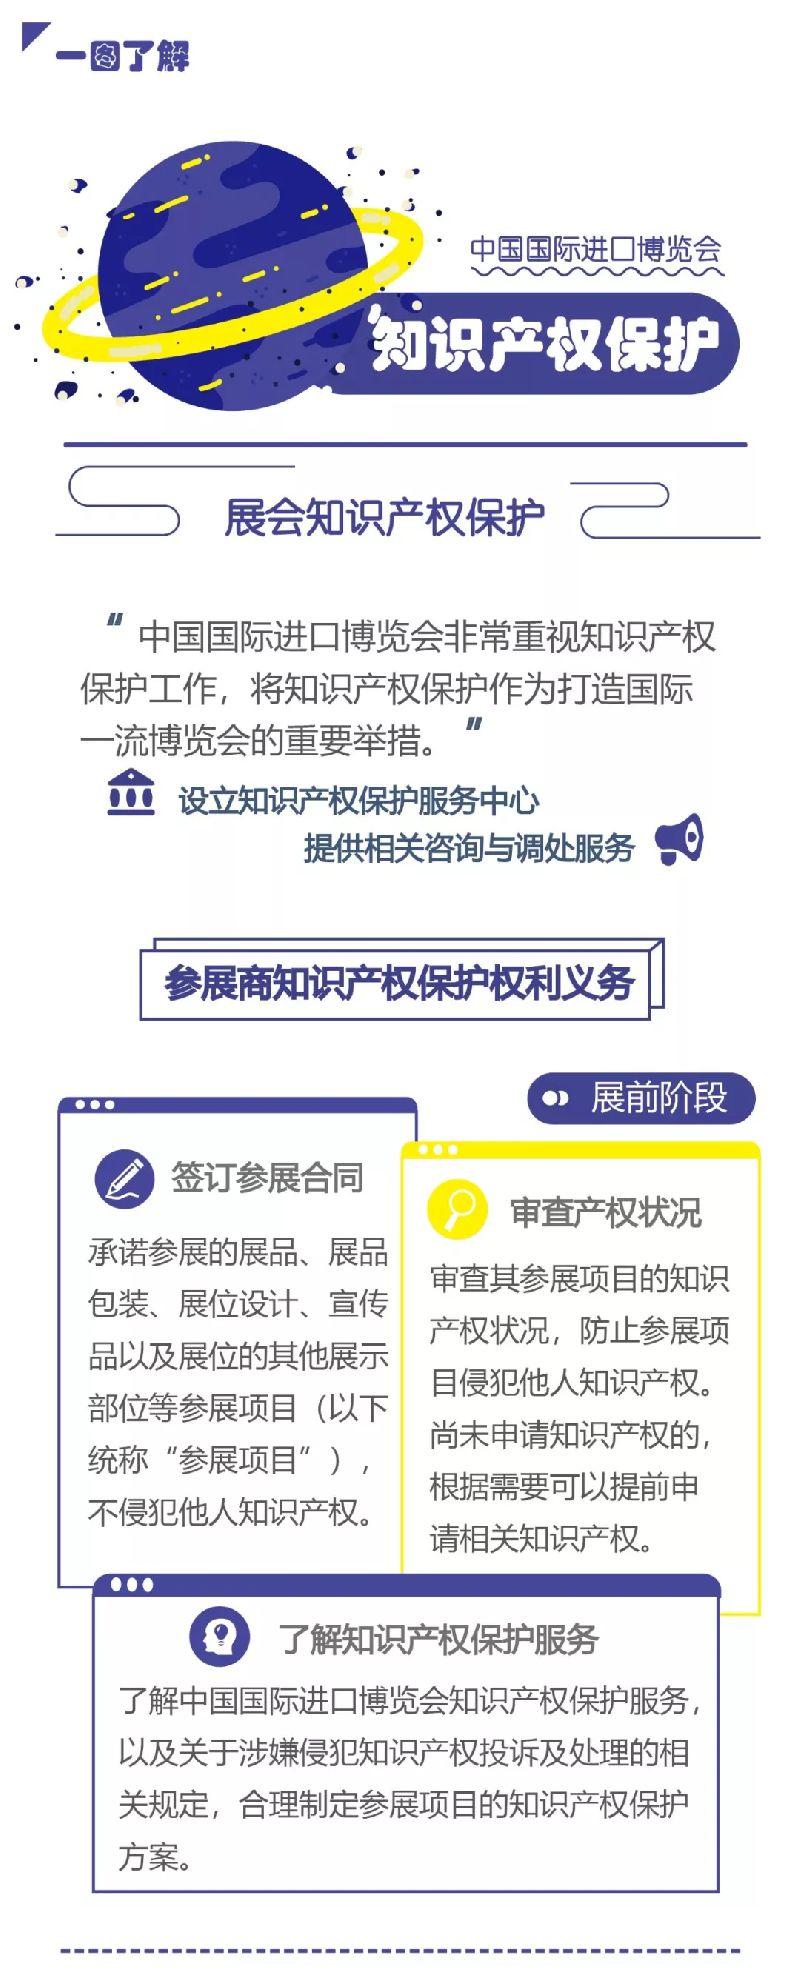 一图看懂中国进口博览会知识产权保护